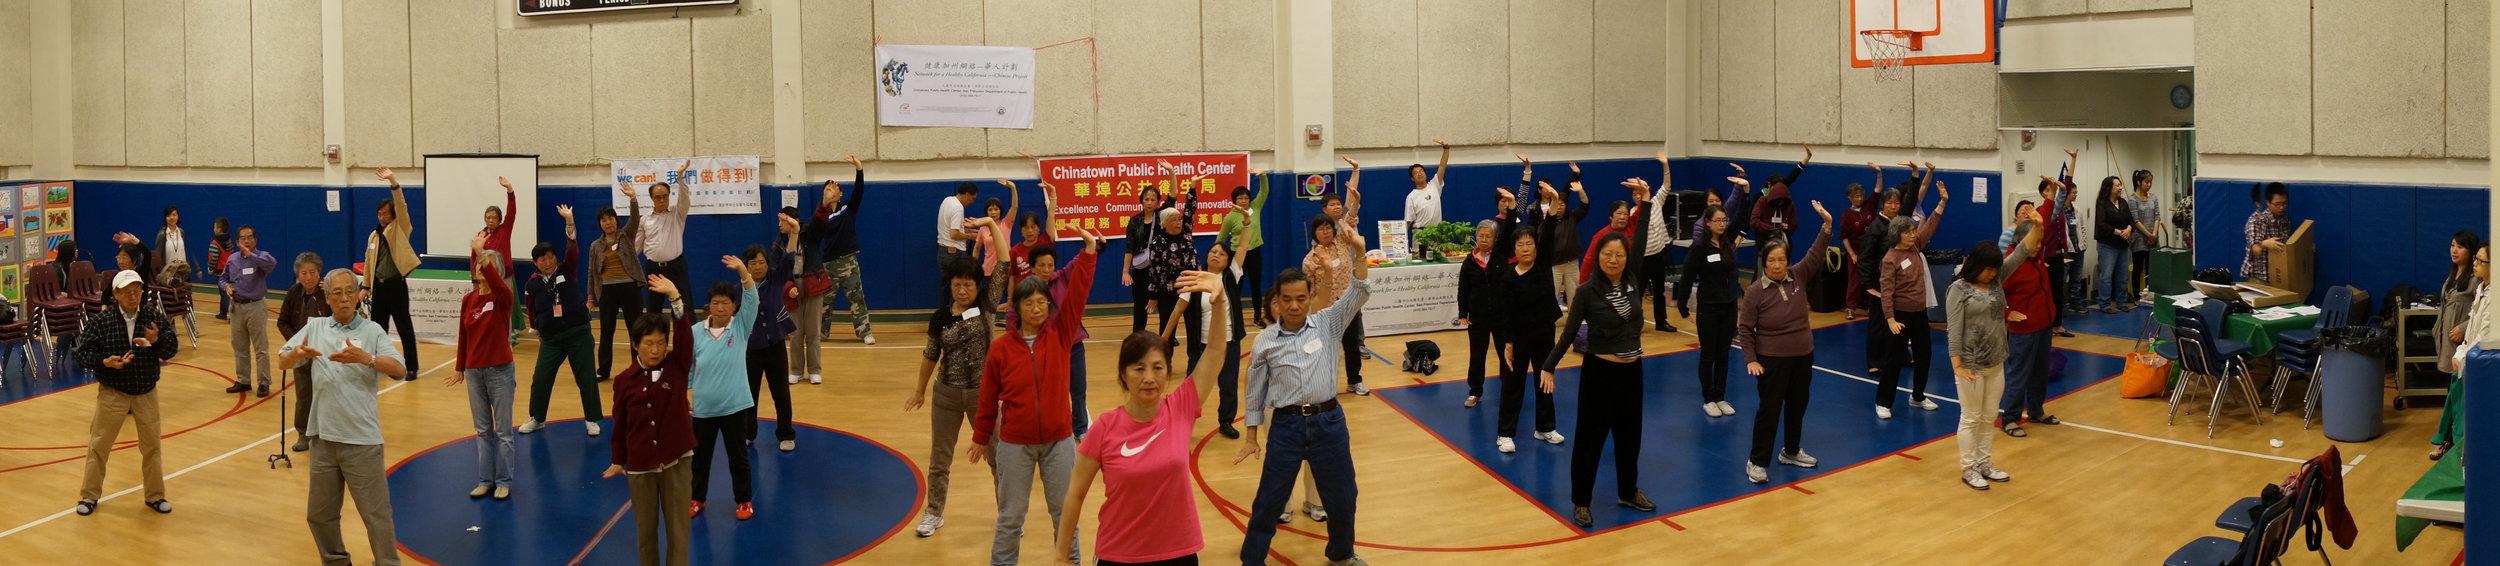 2015年,美国三藩市华埠卫生局举办员工健身气功培训版,邀请《宁和堂》周老师担任教练。